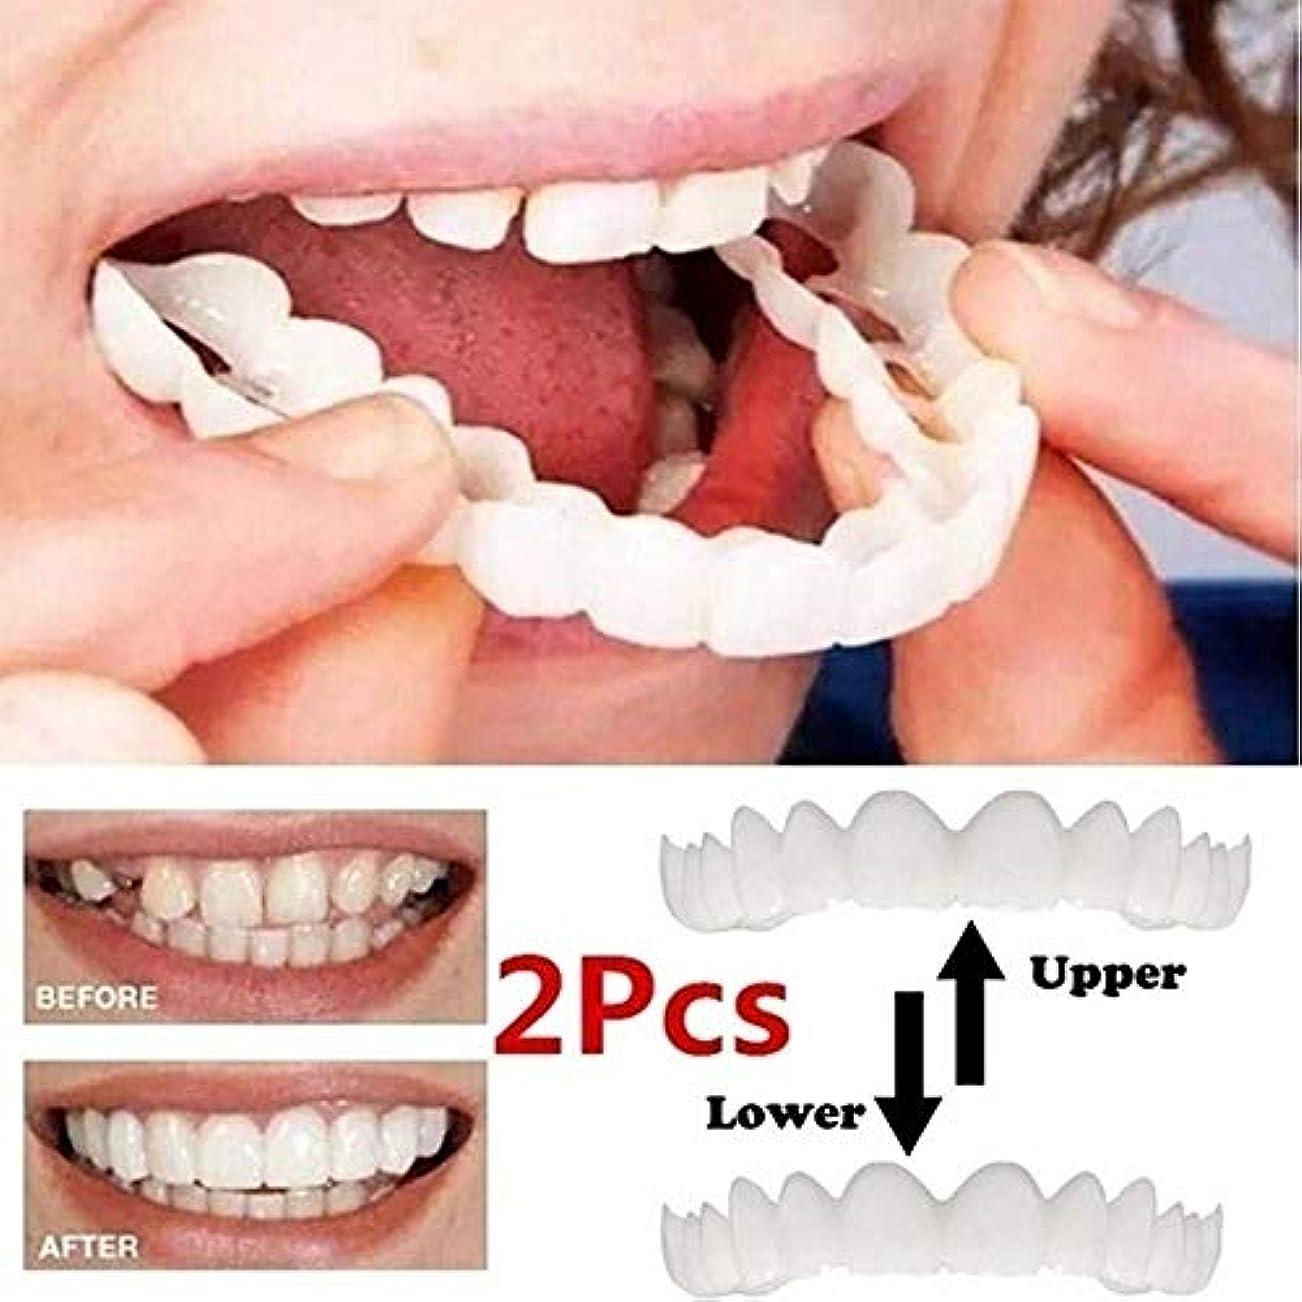 ジョブ残り物アドバンテージ2ピース上下義歯インスタントスマイルコンフォートフレックス化粧品歯義歯1つのサイズにフィット最も快適な義歯ケア